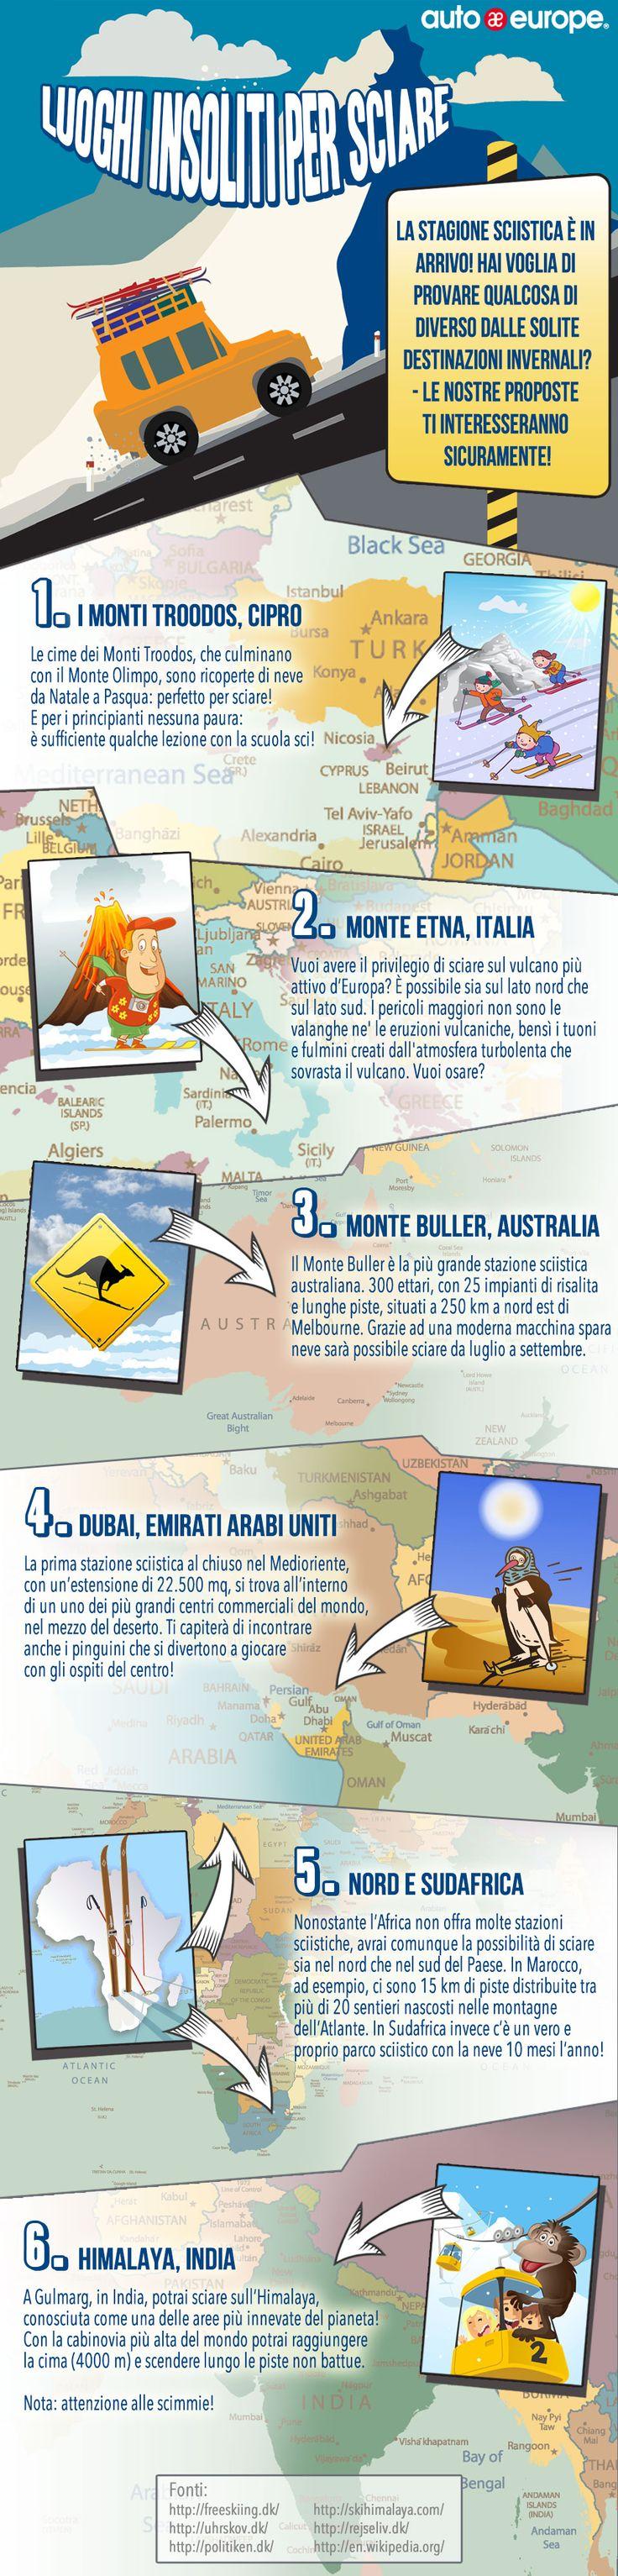 Infografica Luoghi insoliti per sciare Consulta qui le altre infografiche di Auto Europe